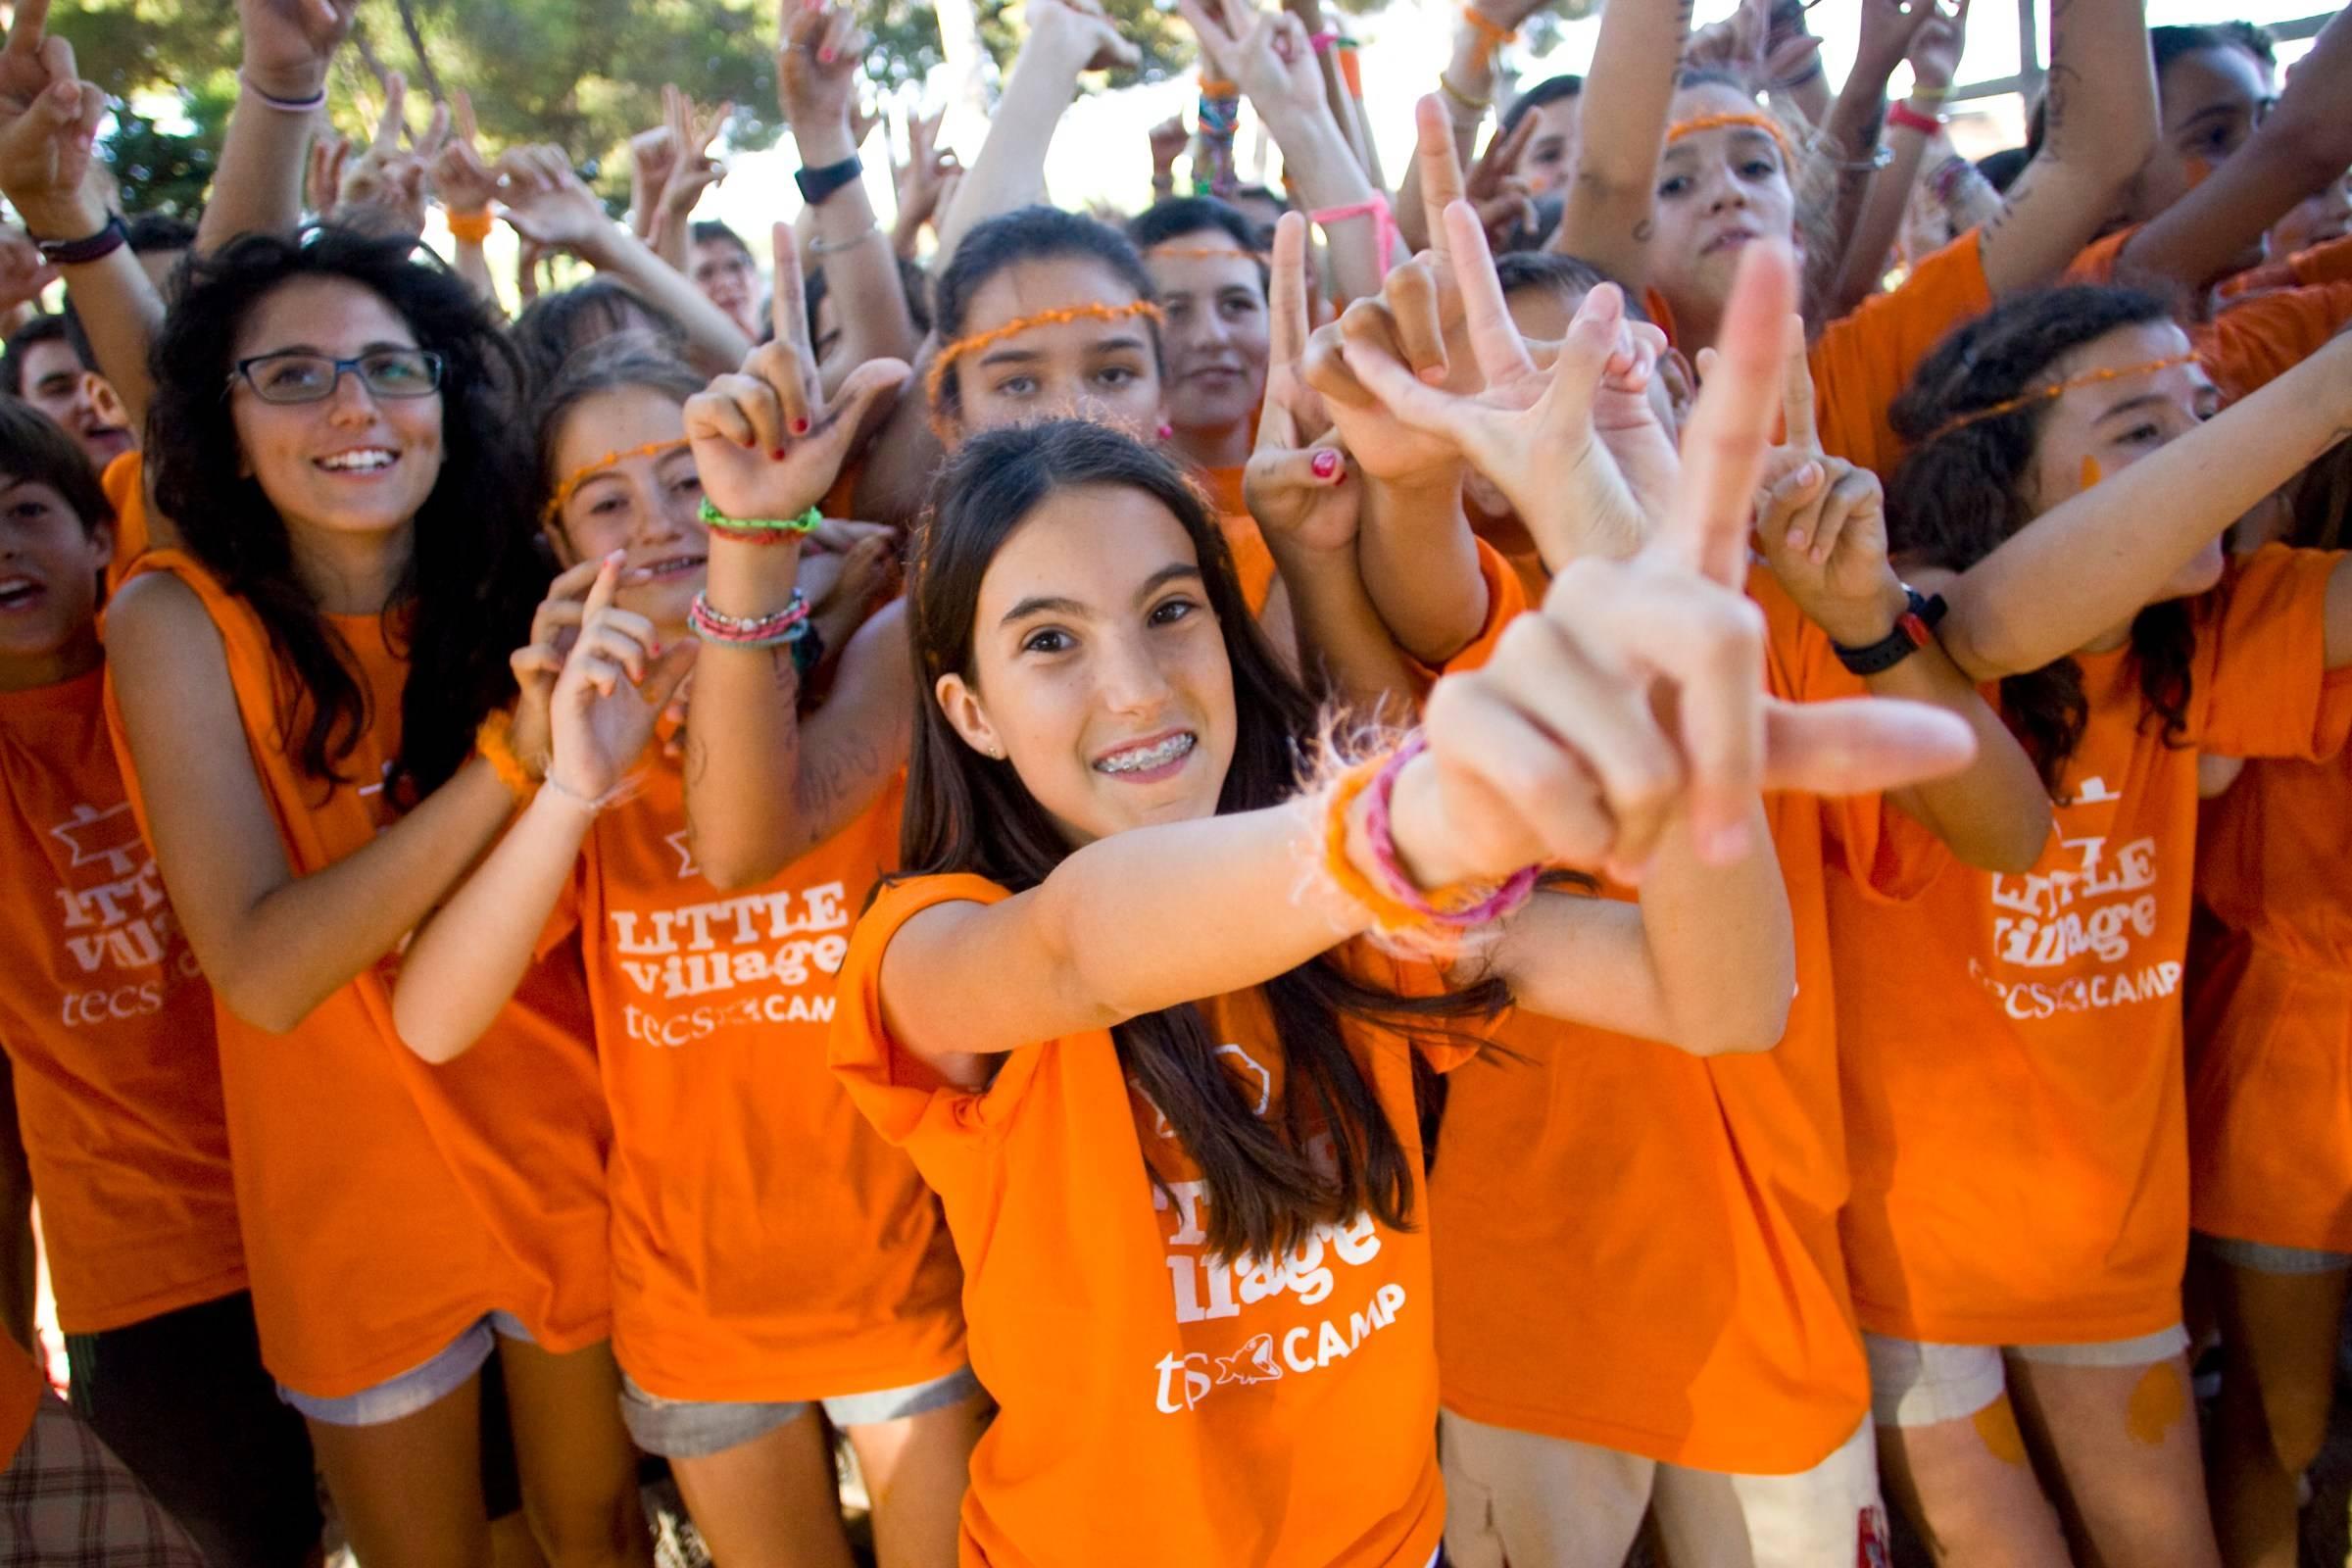 Международные лагеря для детей в испании c бассейном 2021 - купить путевку, бронирование бесплатно